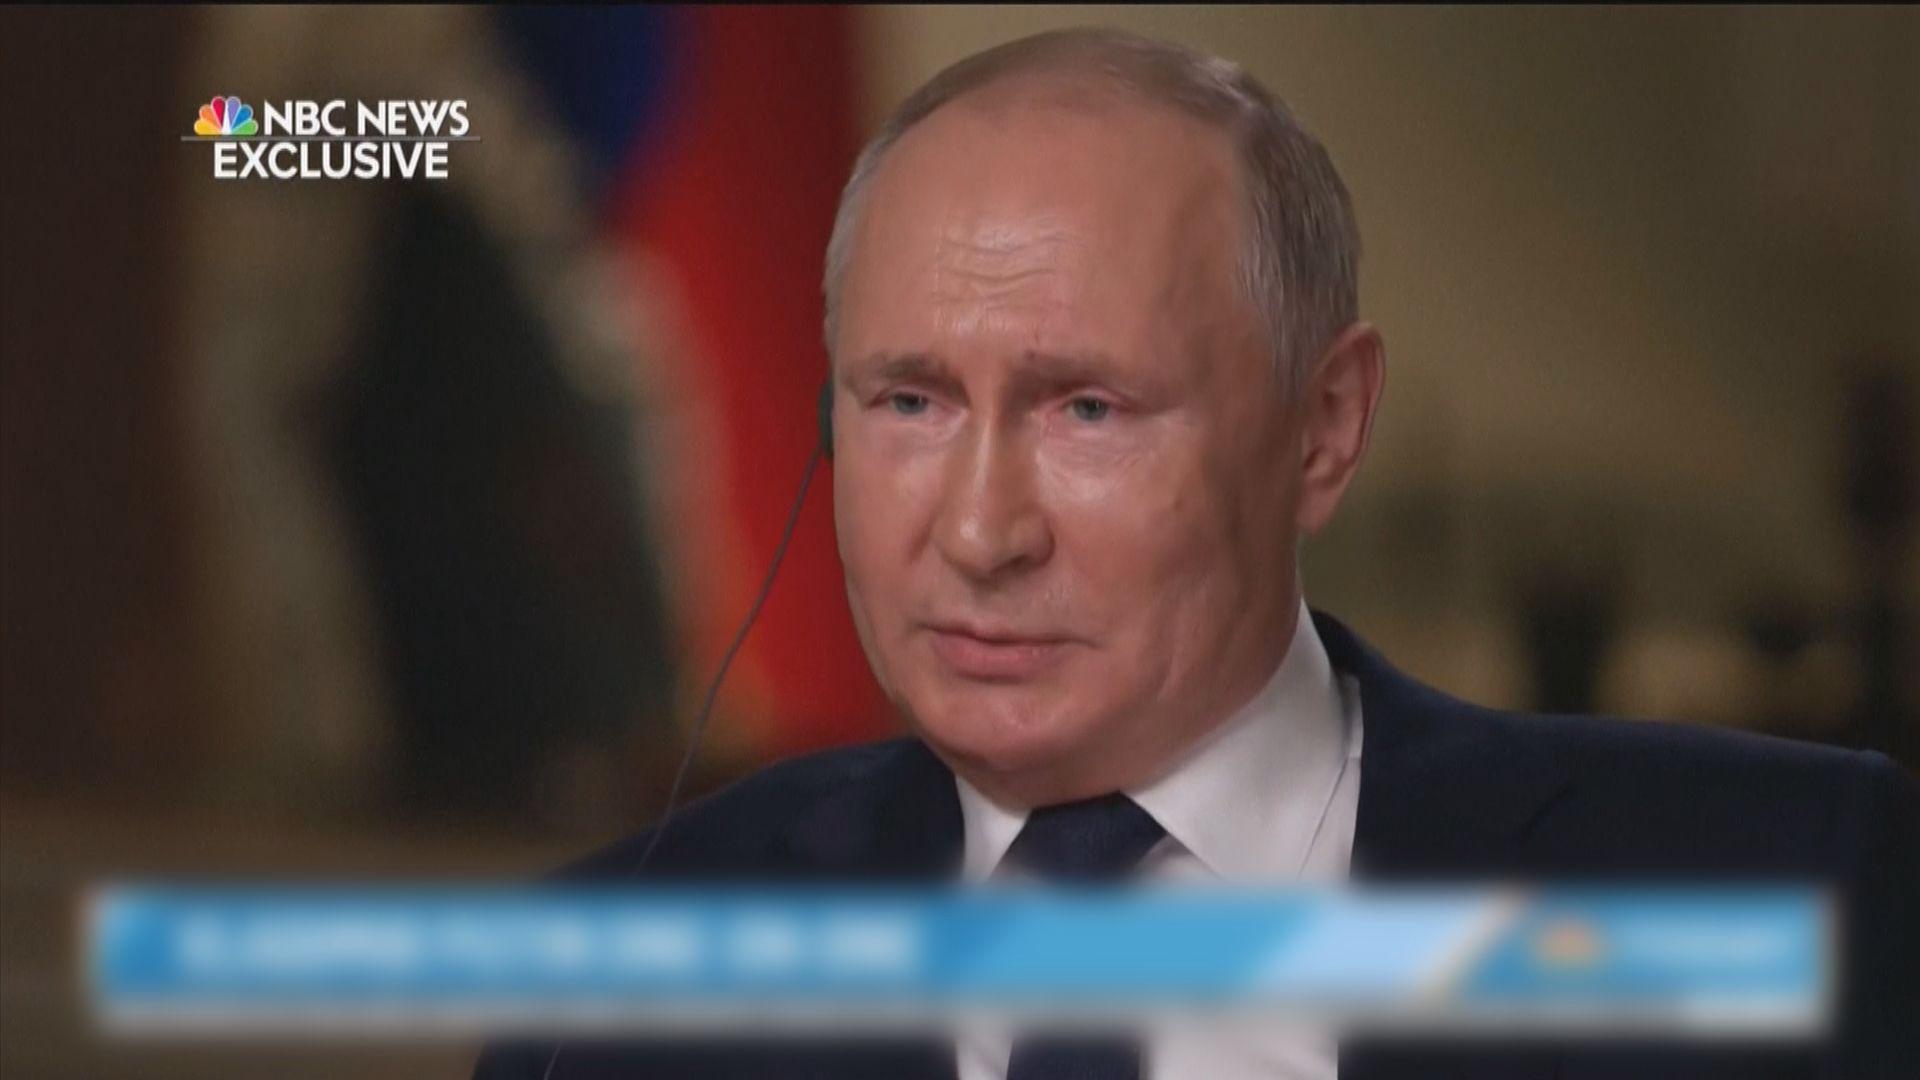 將與美舉行峰會 普京:對俄多項指控毫無根據